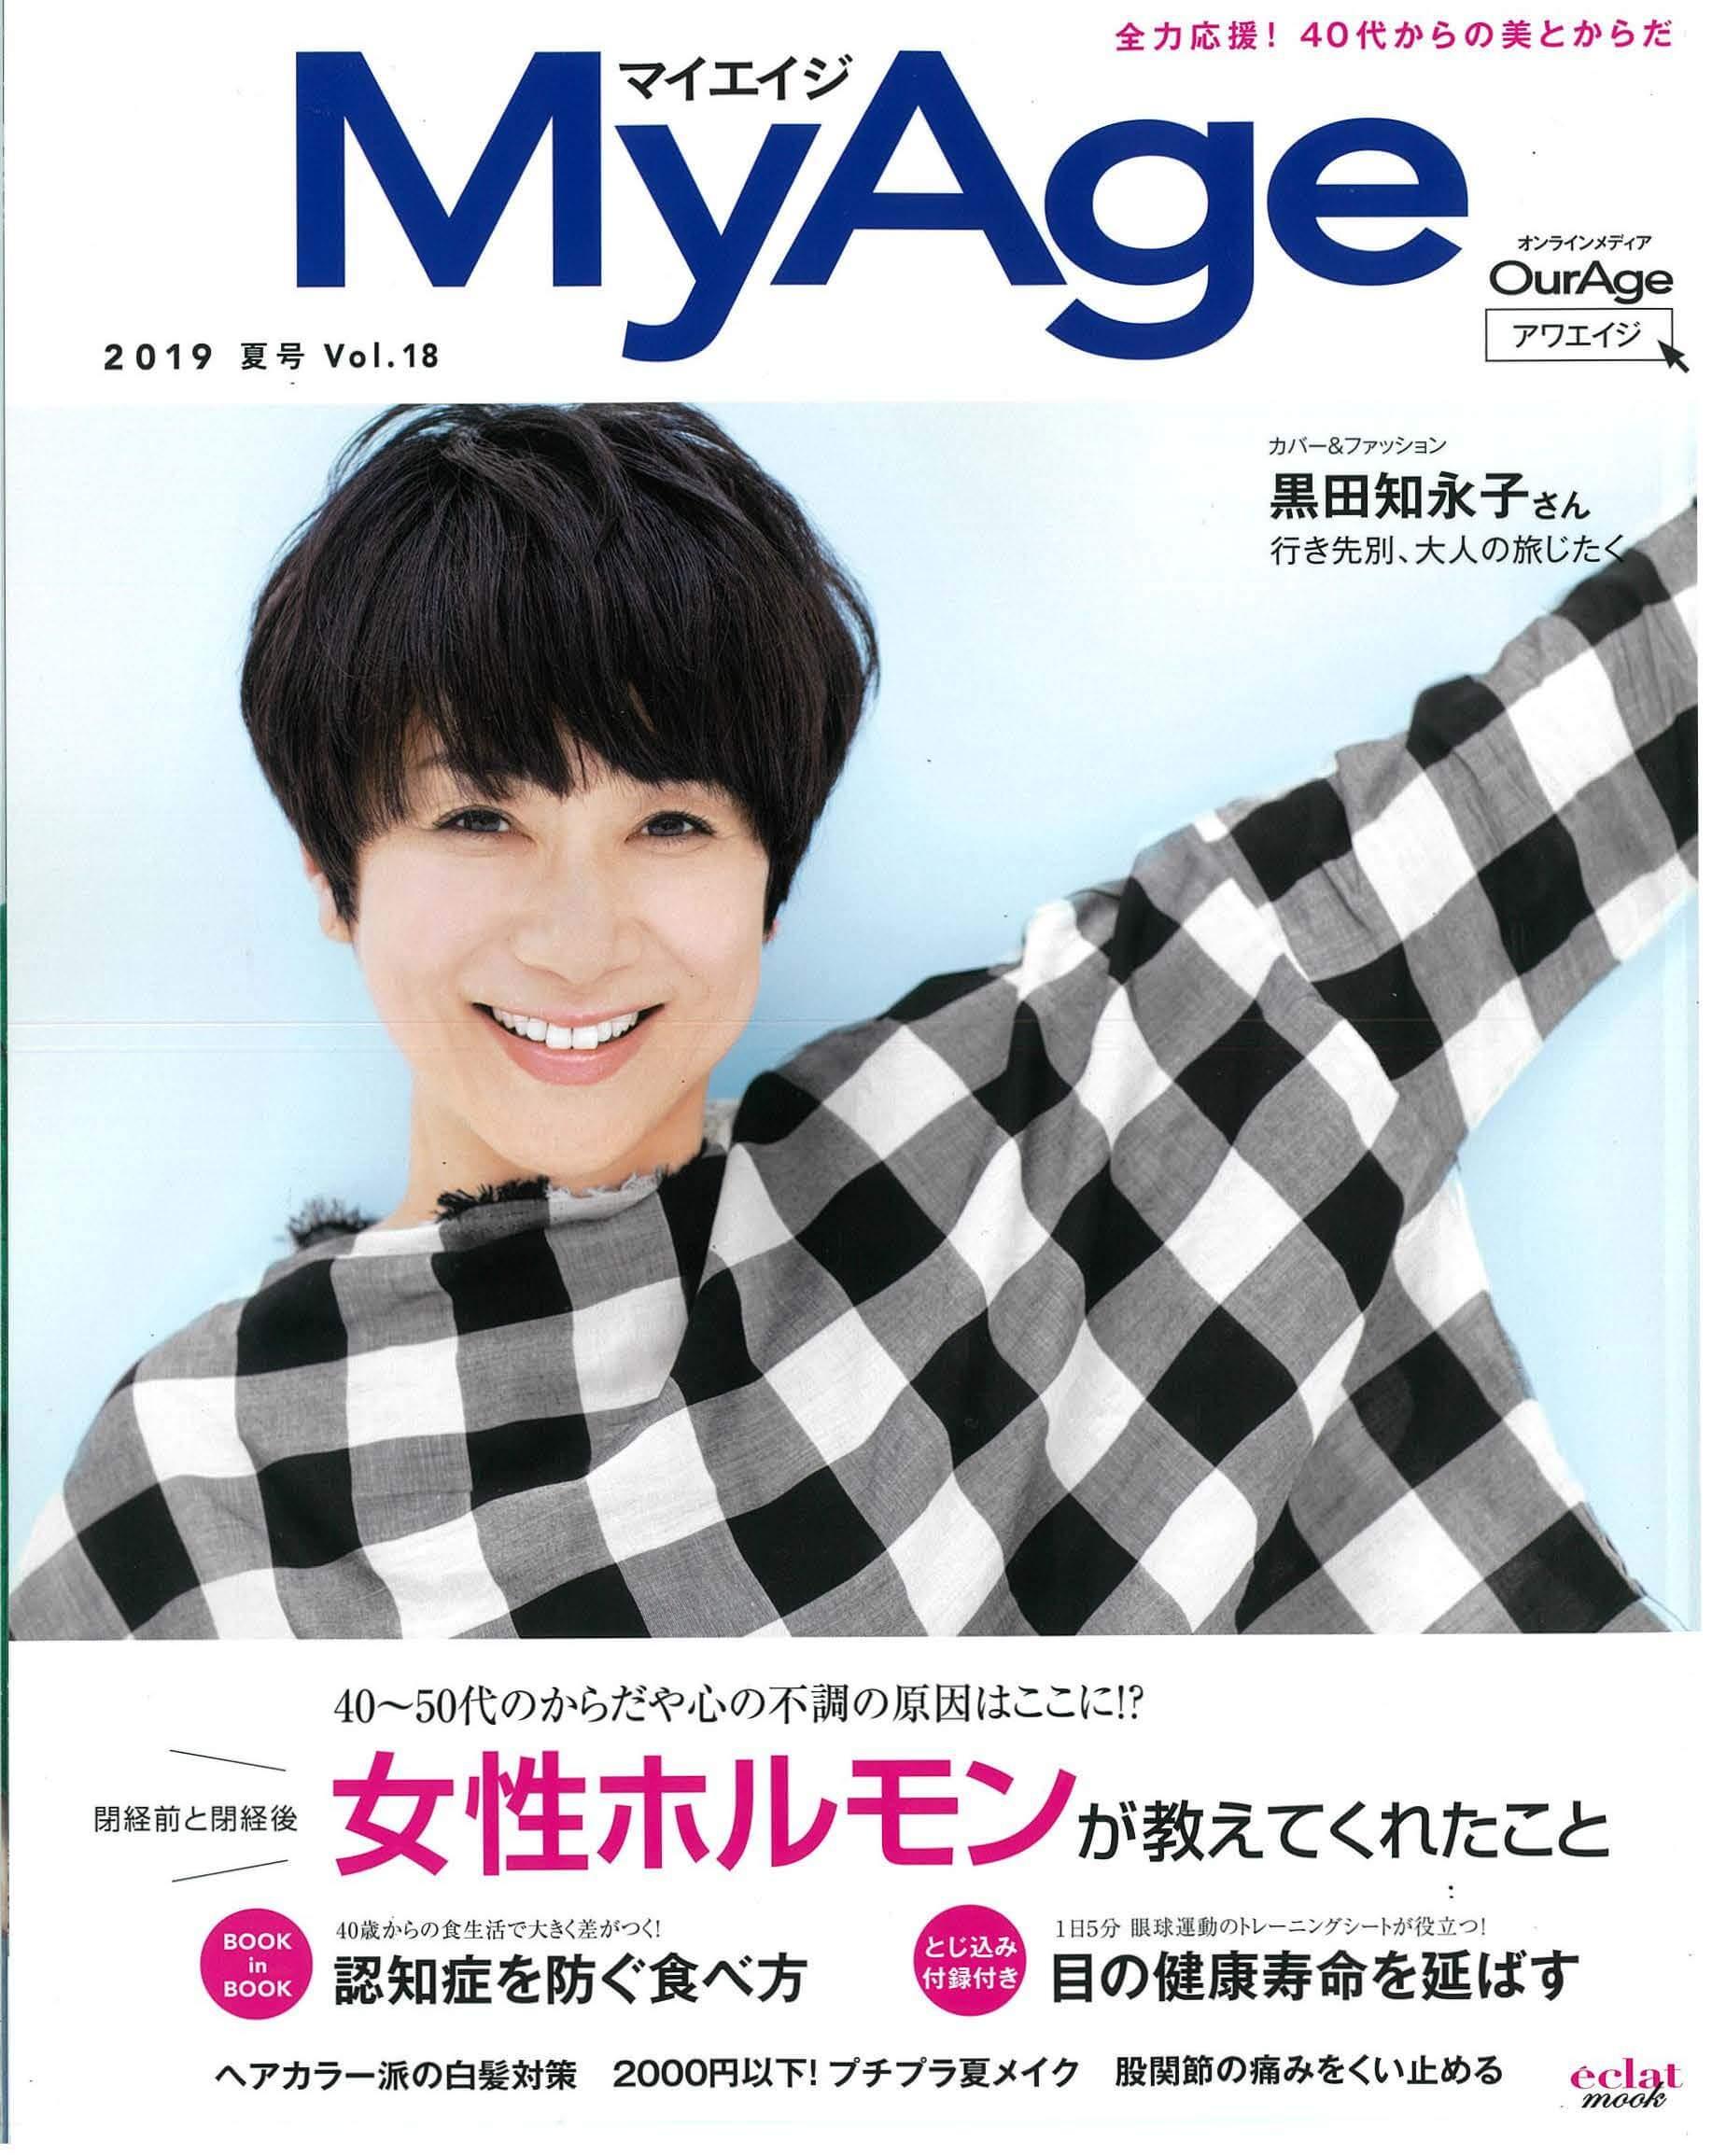 MyAge 2019 夏号 Vol.18